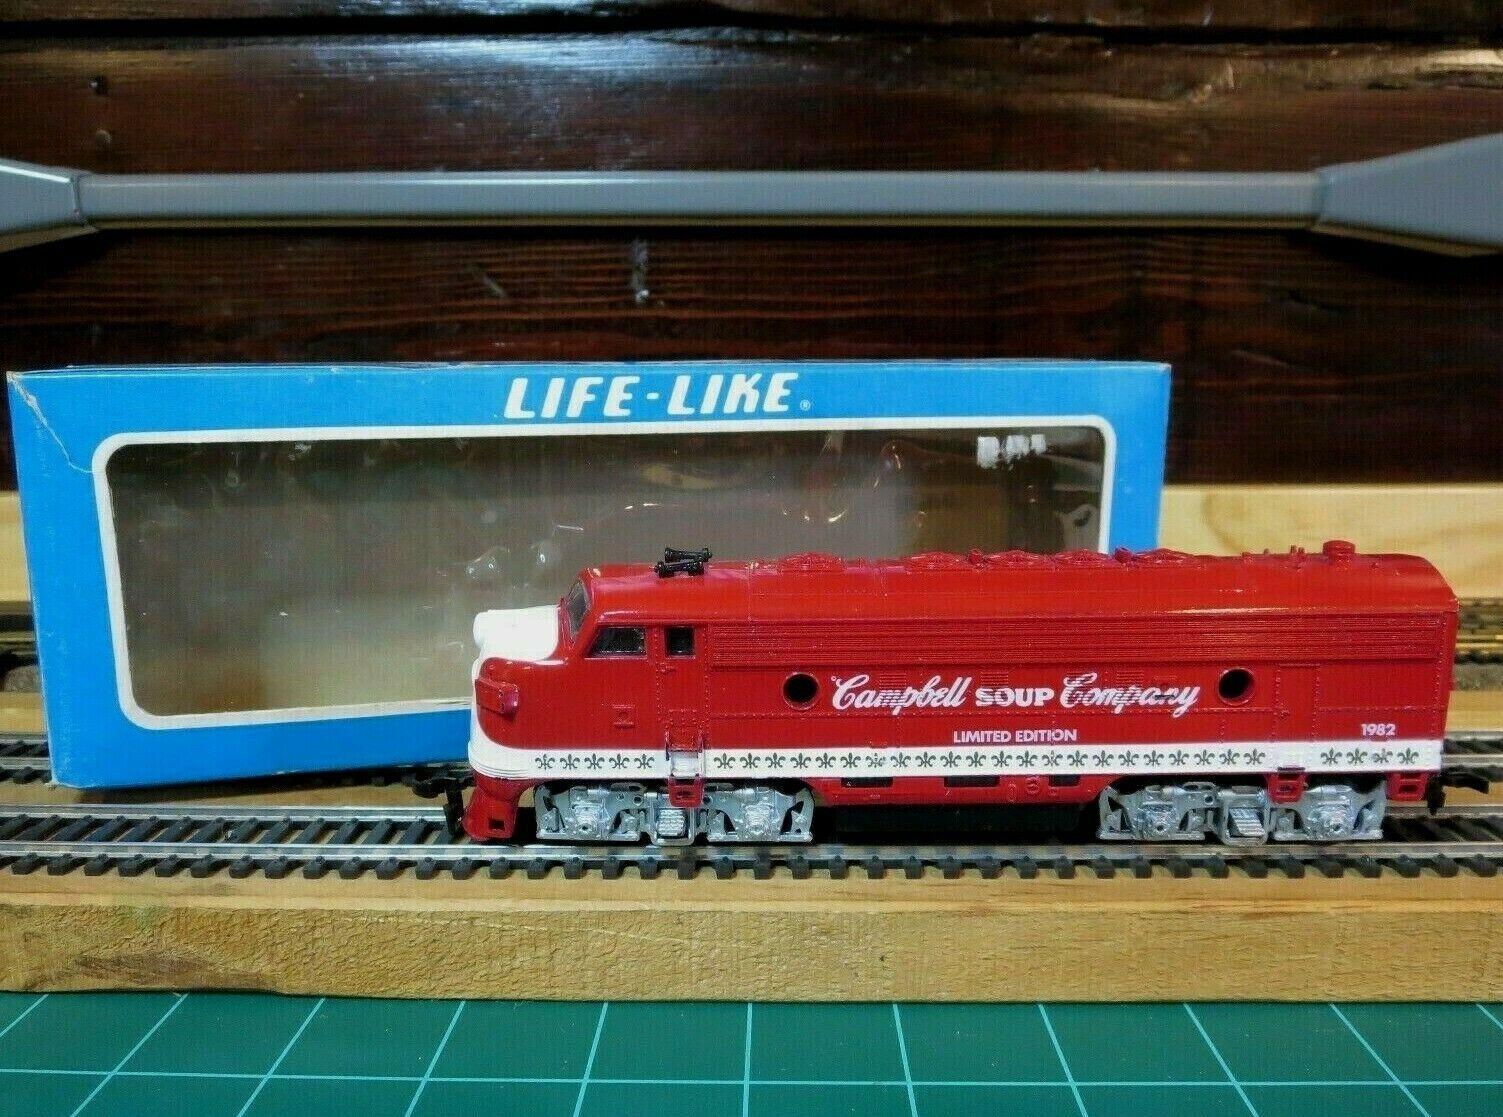 Life-Like 5373 HO EMD F7A  Powered Locomotive  Campbell Soup Company  Limited